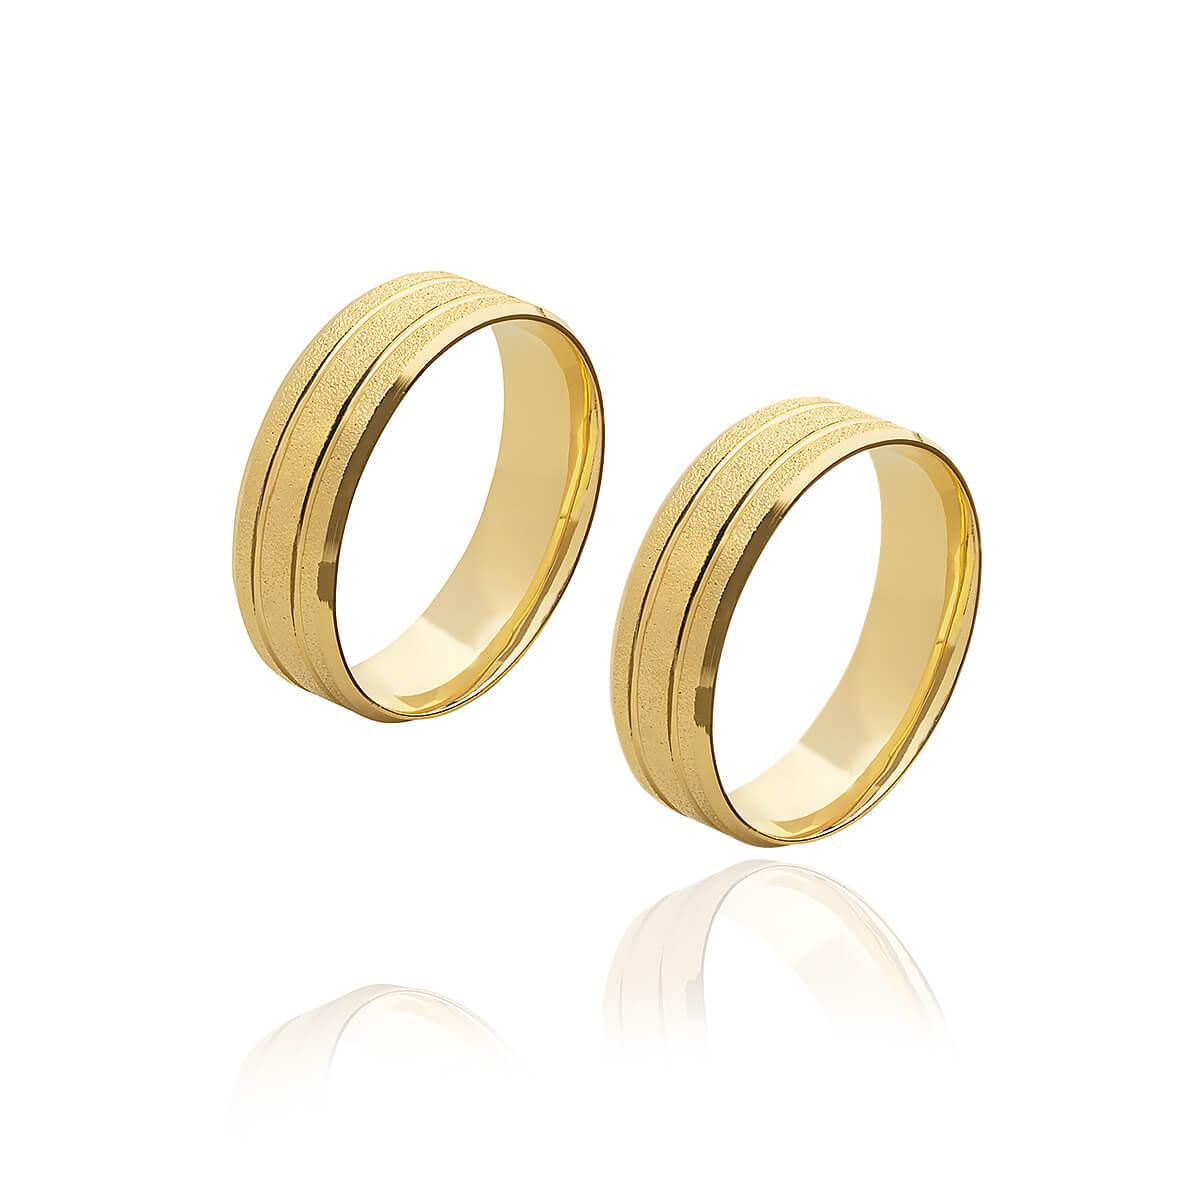 Par de Aliancas de Ouro de 5 mm diamantadas com frisos e 8g